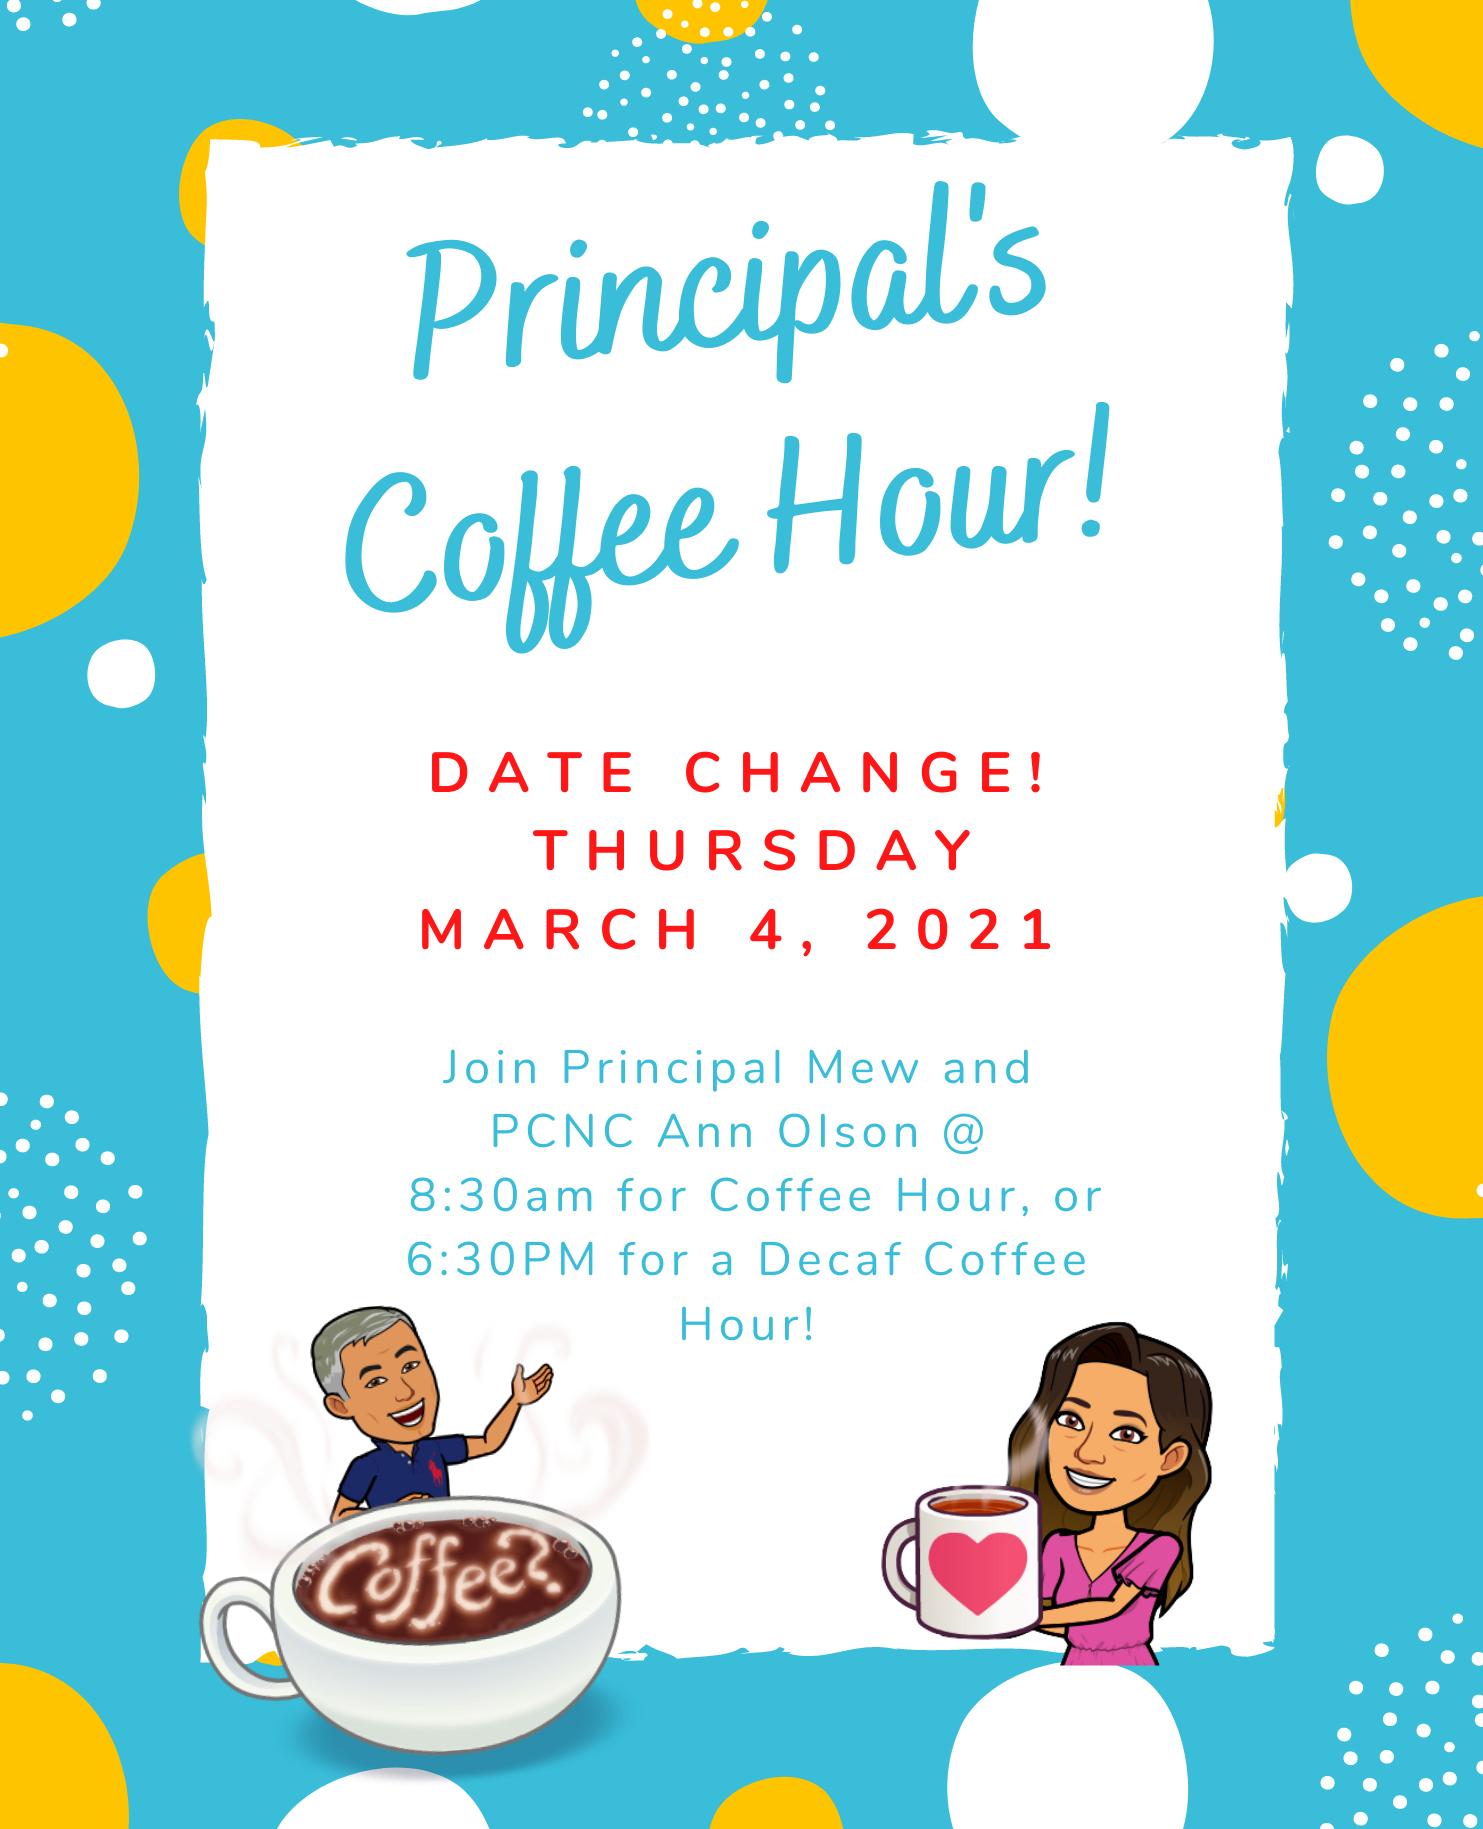 Principal's Coffee Hour